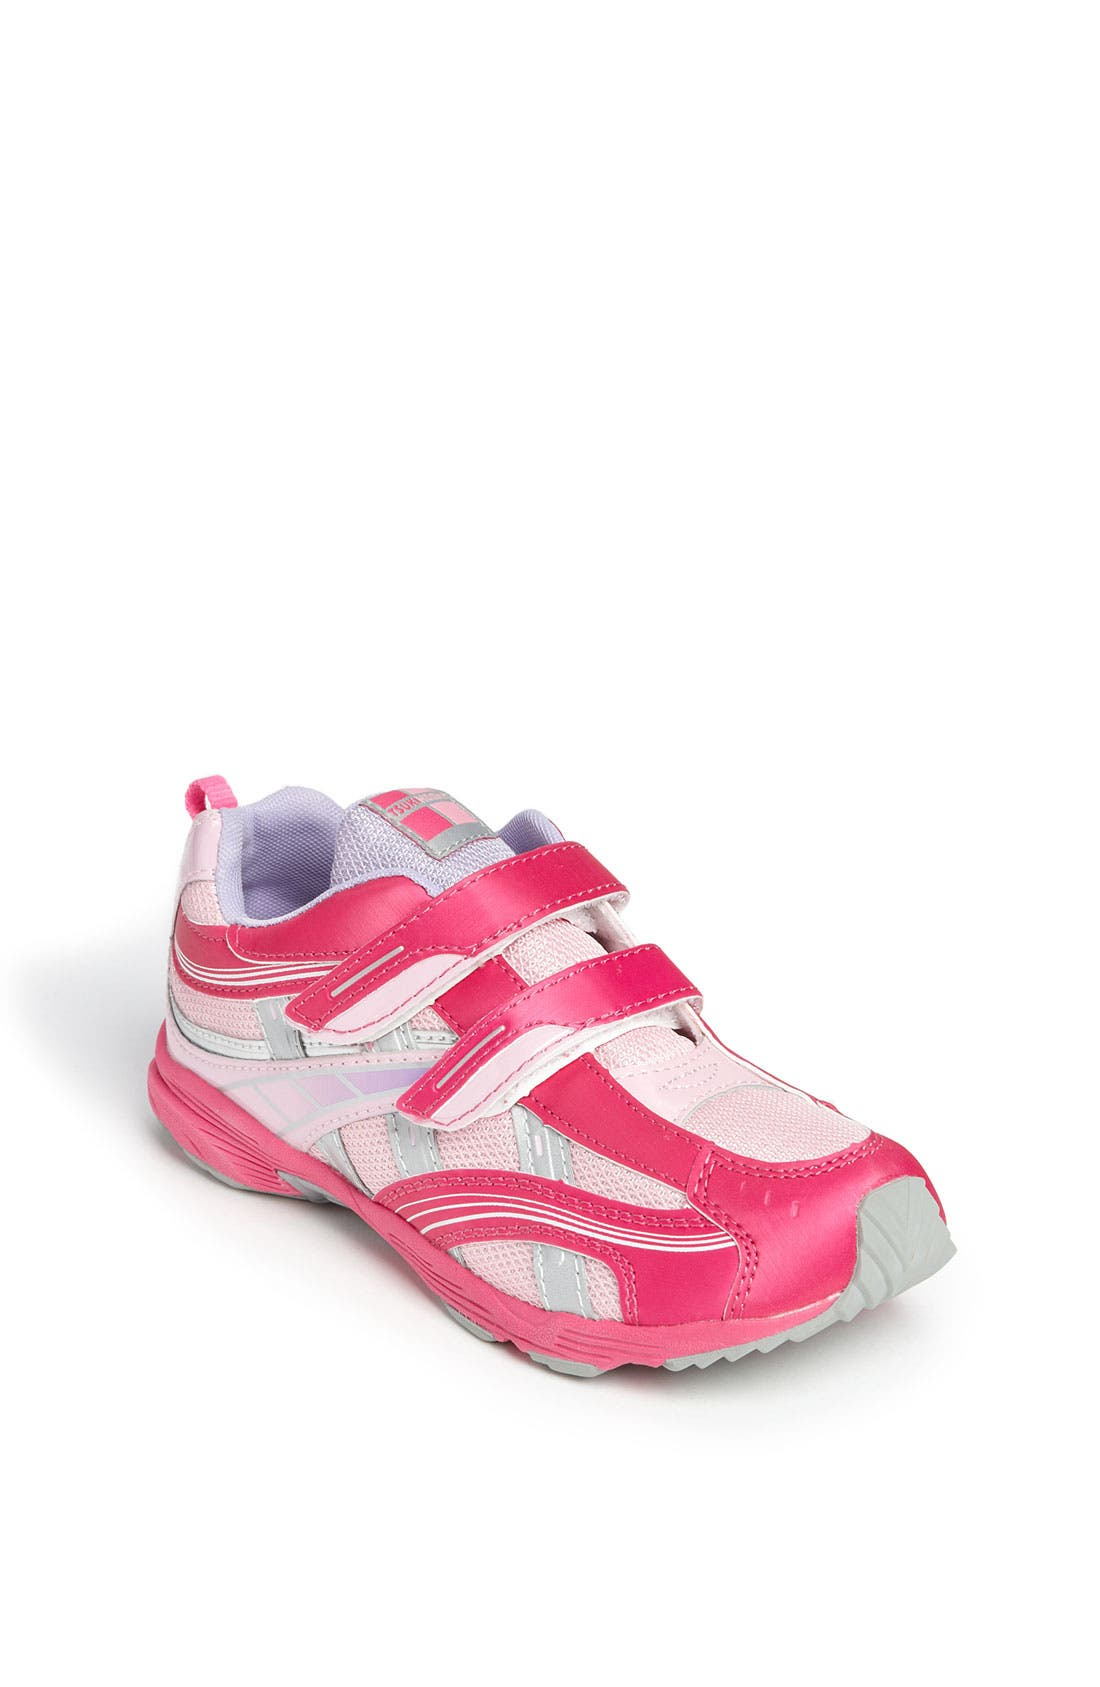 Alternate Image 1 Selected - Tsukihoshi 'Child 35' Sneaker (Toddler & Little Kid)